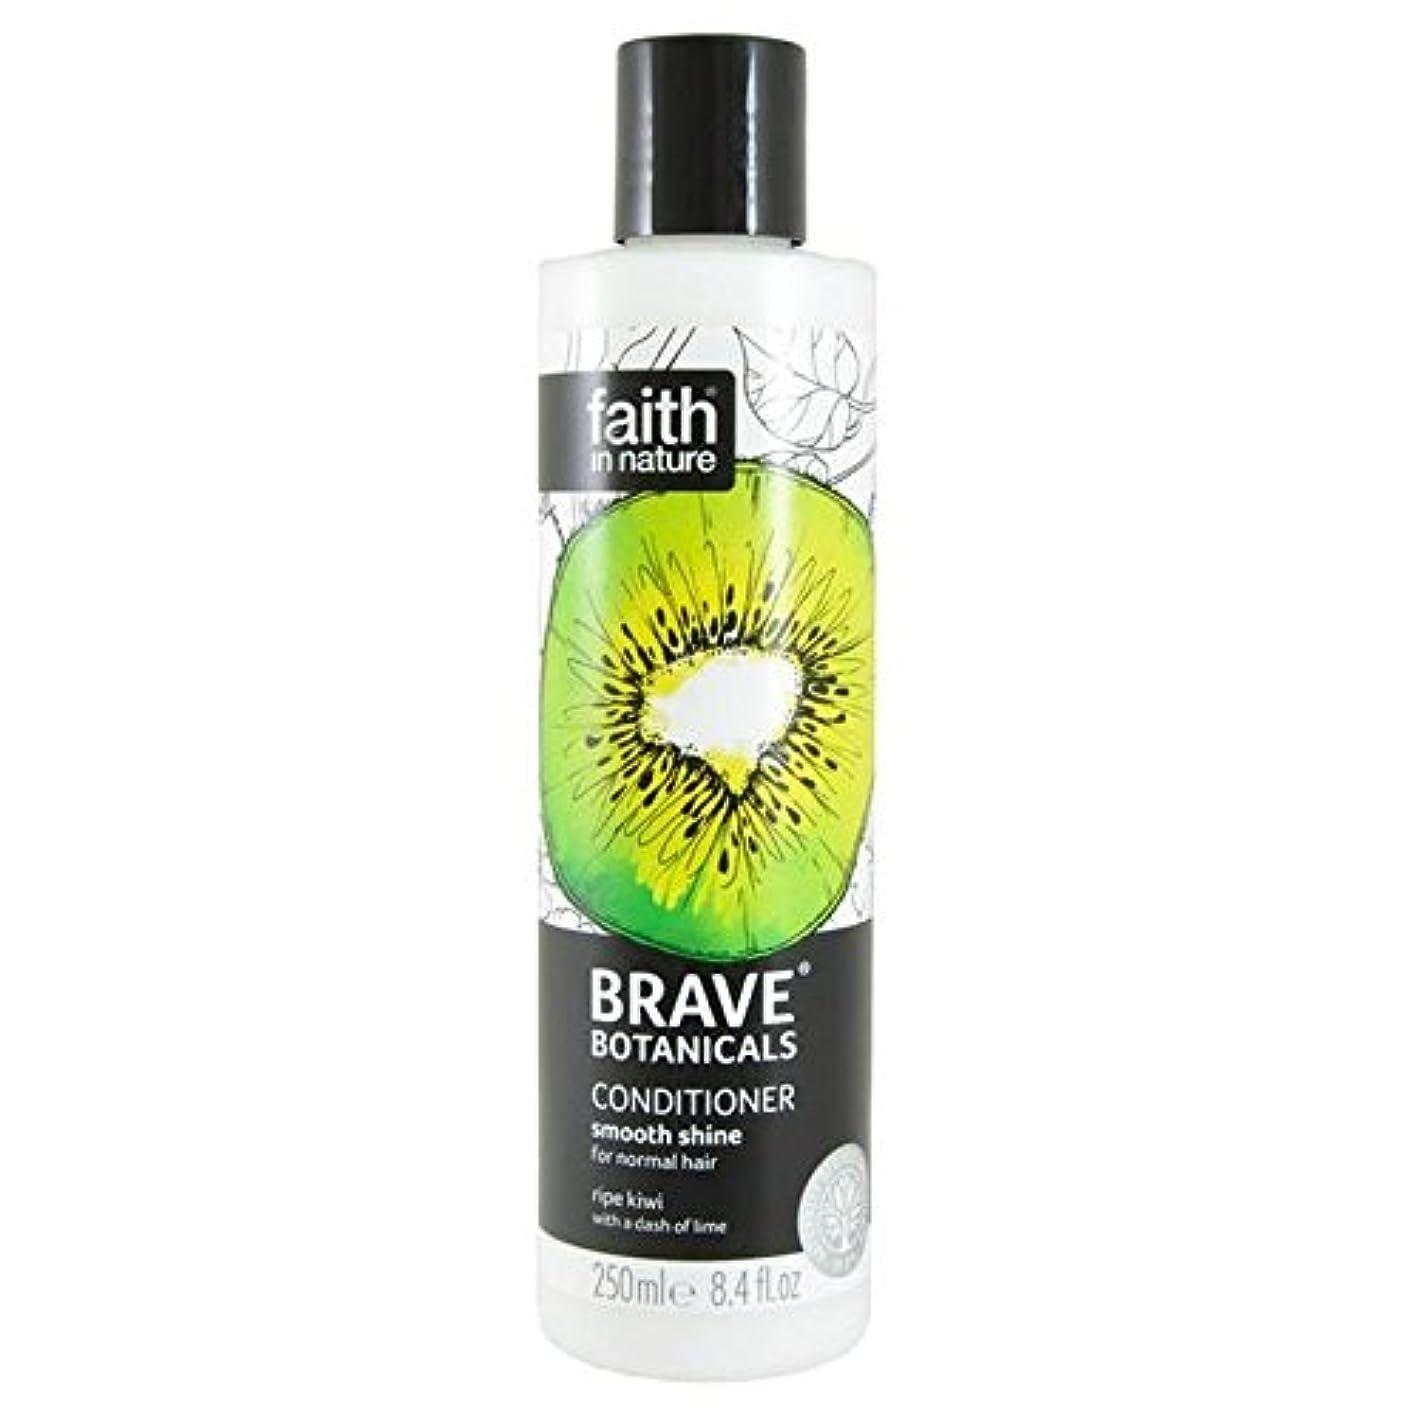 警官歯科医ページェントBrave Botanicals Kiwi & Lime Smooth Shine Conditioner 250ml (Pack of 6) - (Faith In Nature) 勇敢な植物キウイ&ライムなめらかな輝...